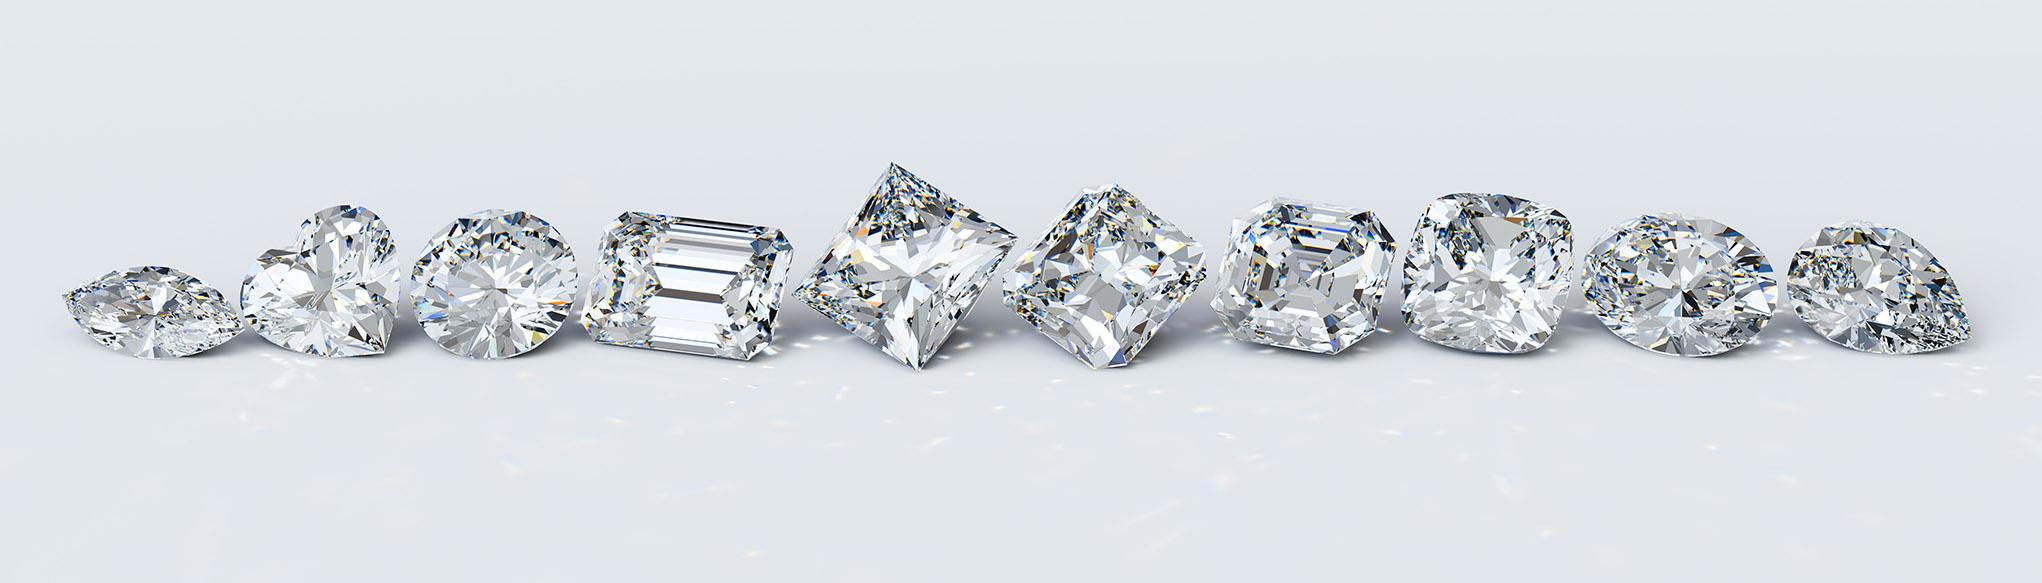 Diamond Specials